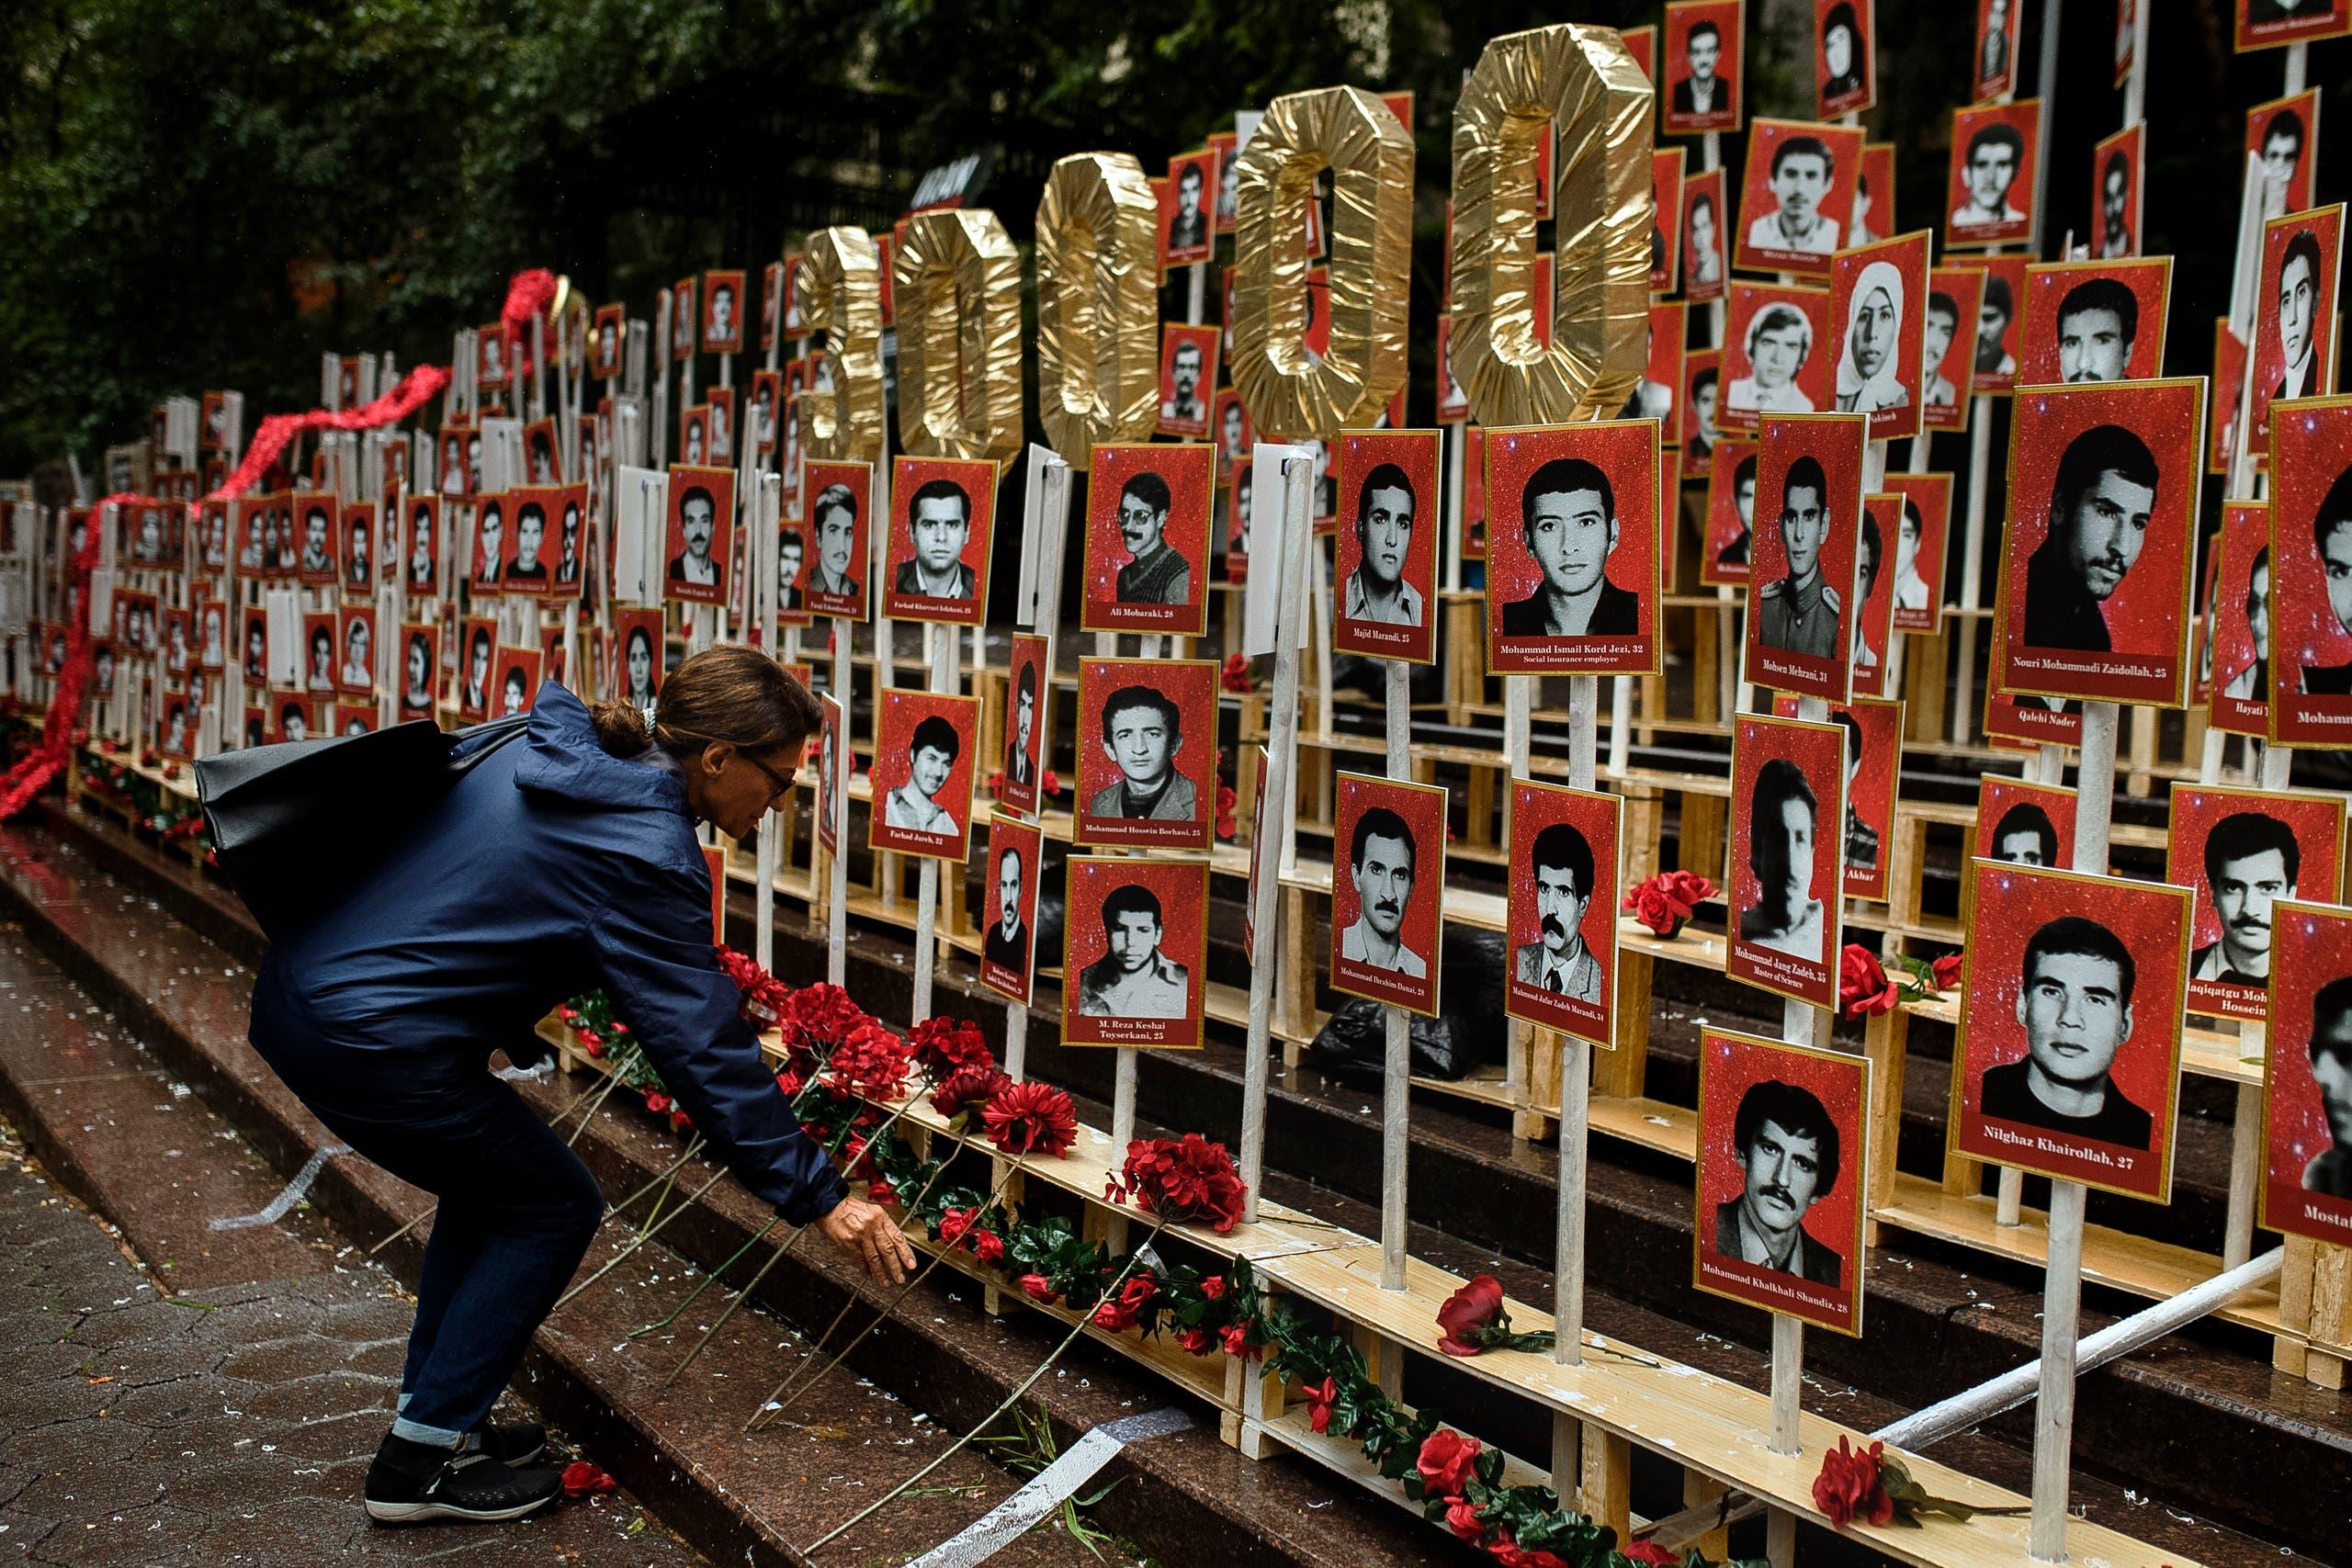 صور لضحايا الإعدامات في إيران أمام مقر الأمم المتحدة